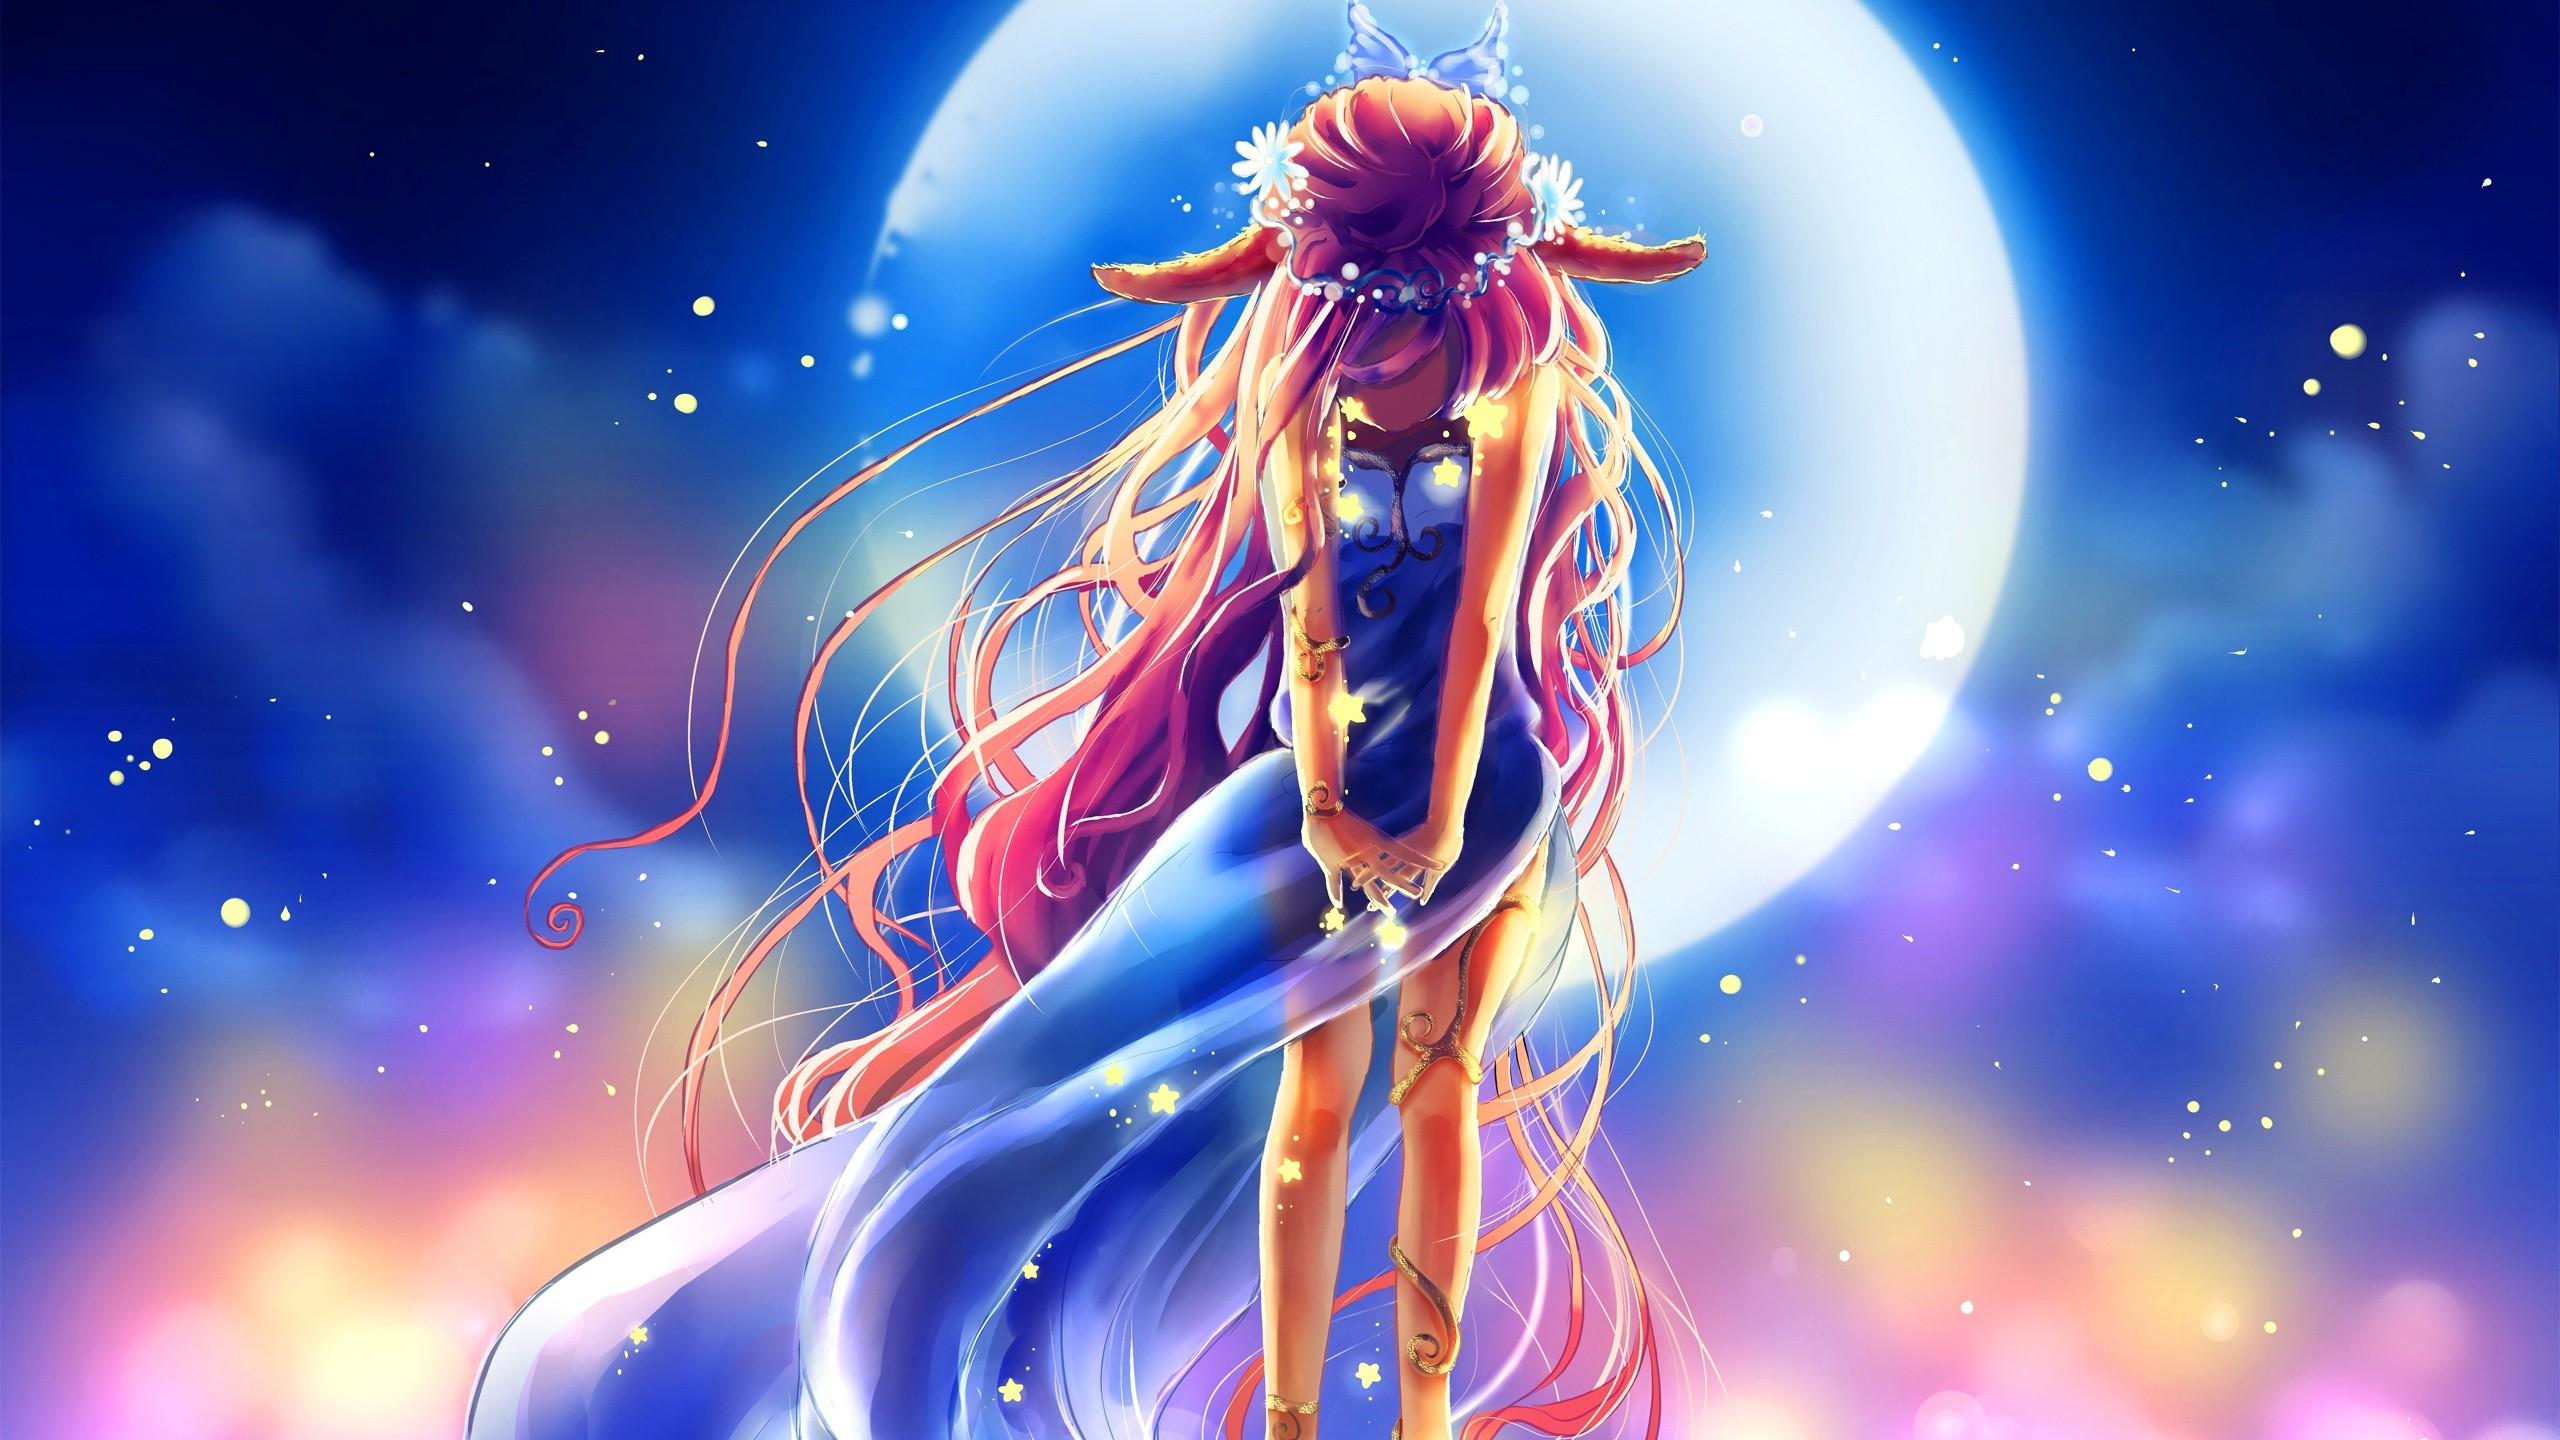 anime-wallpaper-2560×1440-32.jpg (2560×1440)